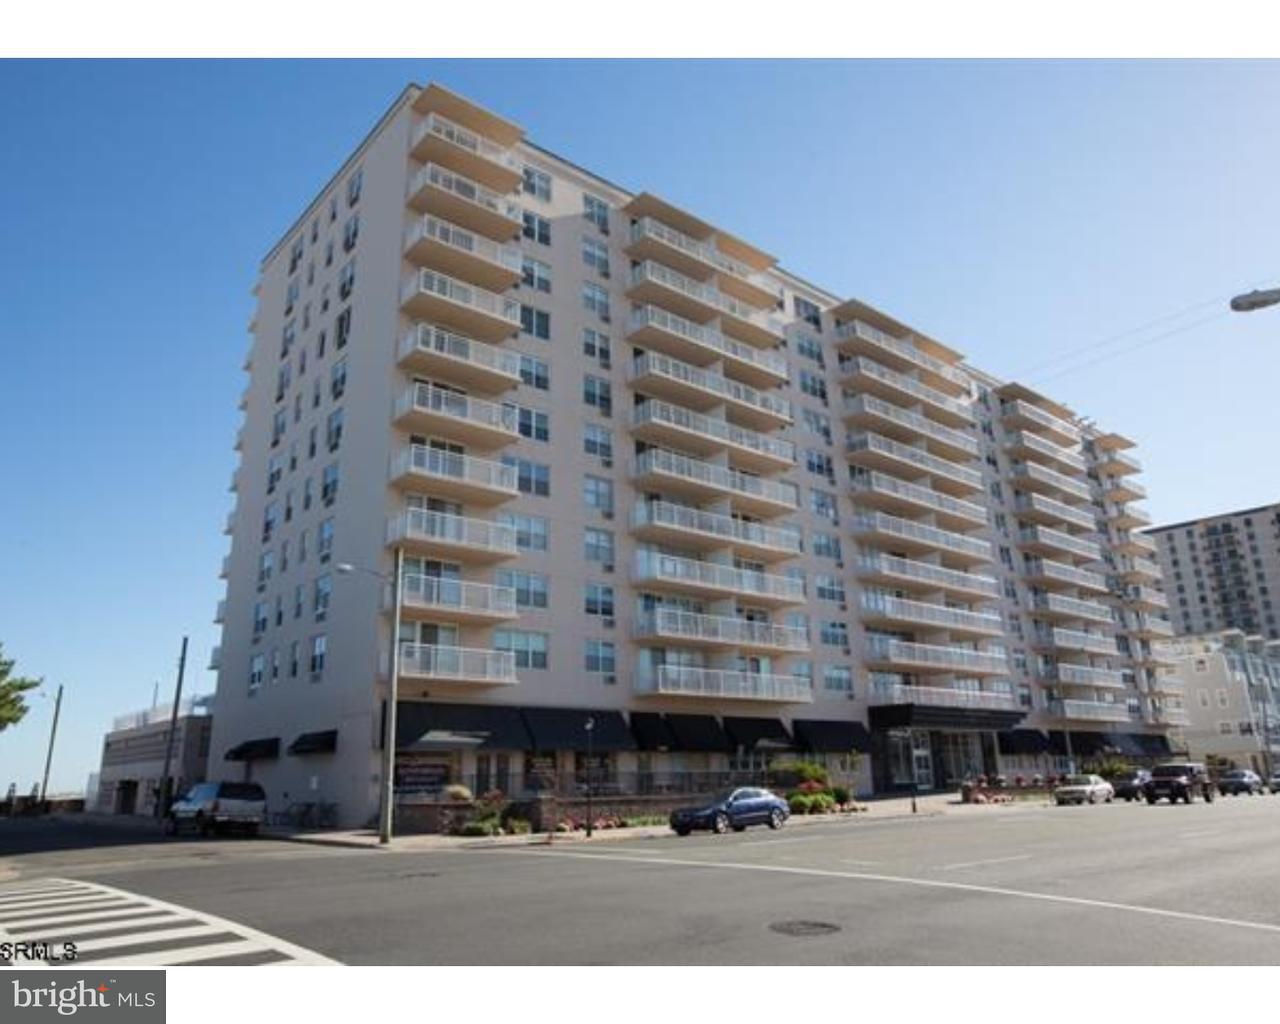 Частный односемейный дом для того Продажа на 9400 ATLANTIC AVE #308 Margate City, Нью-Джерси 08402 Соединенные Штаты